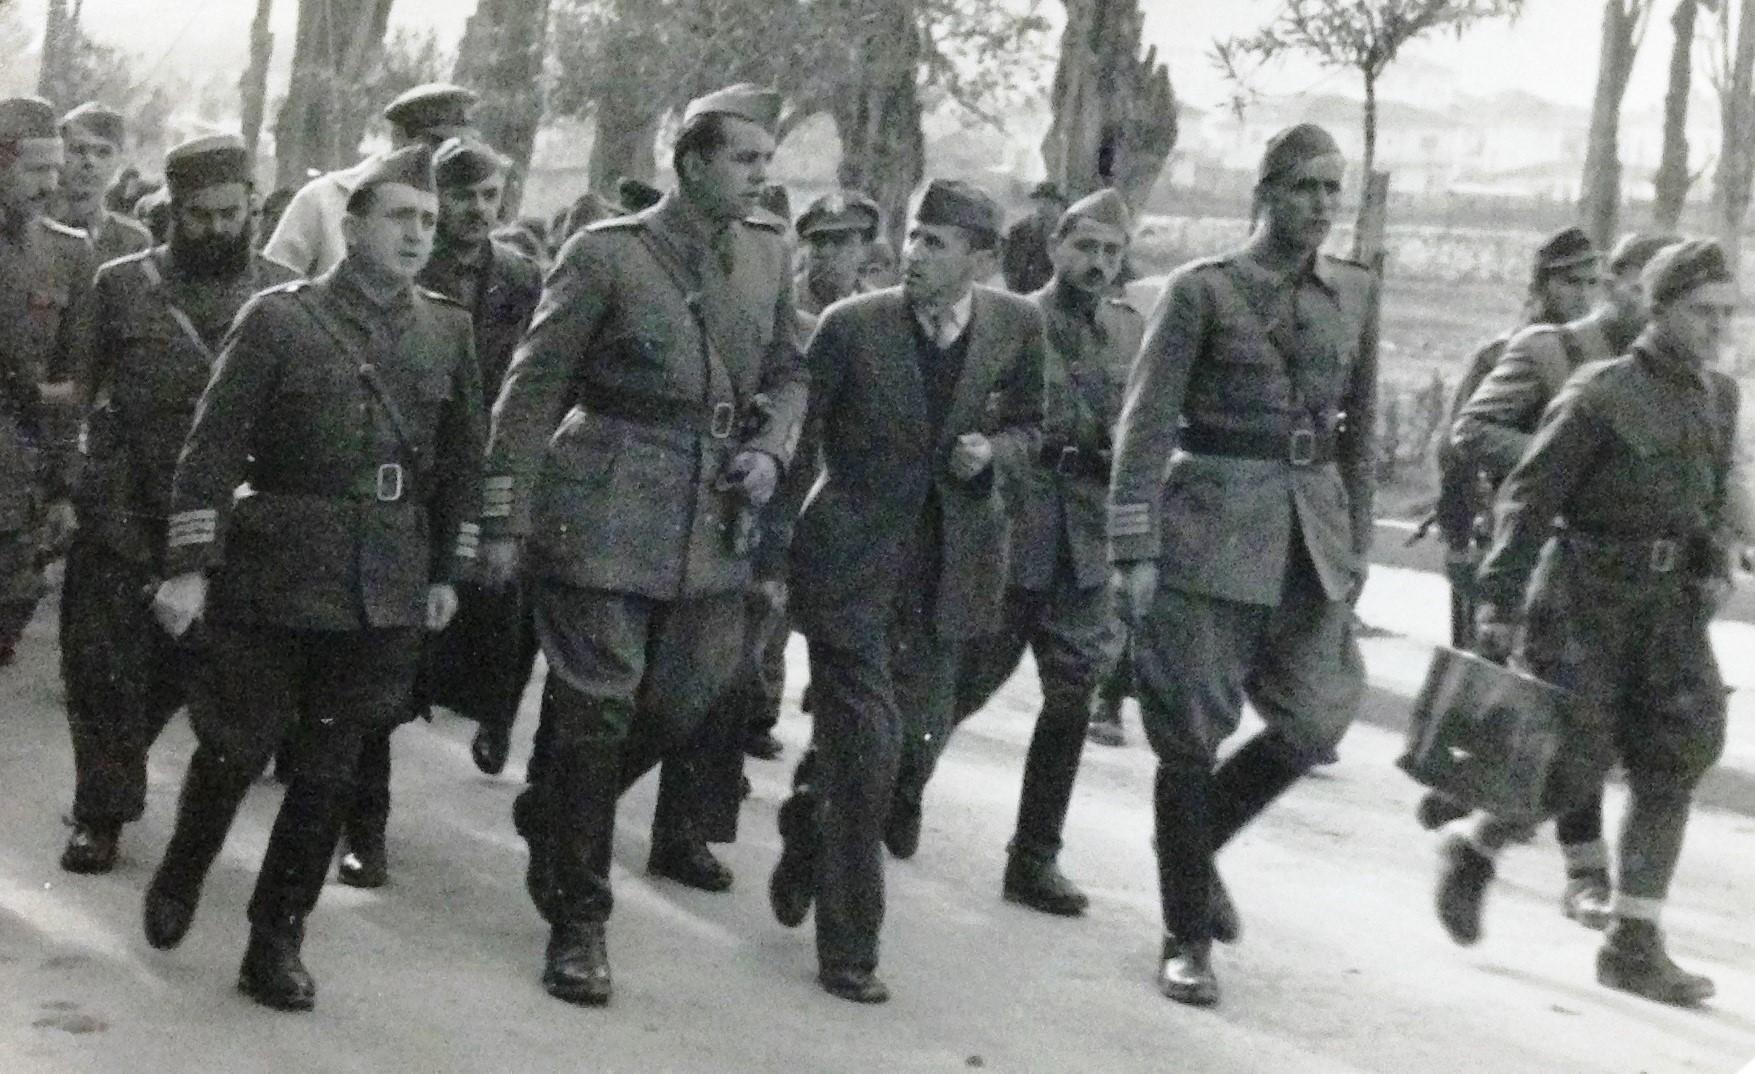 Fitorja e Enver Hoxhës më 1944, sekretet e luftës për pushtet